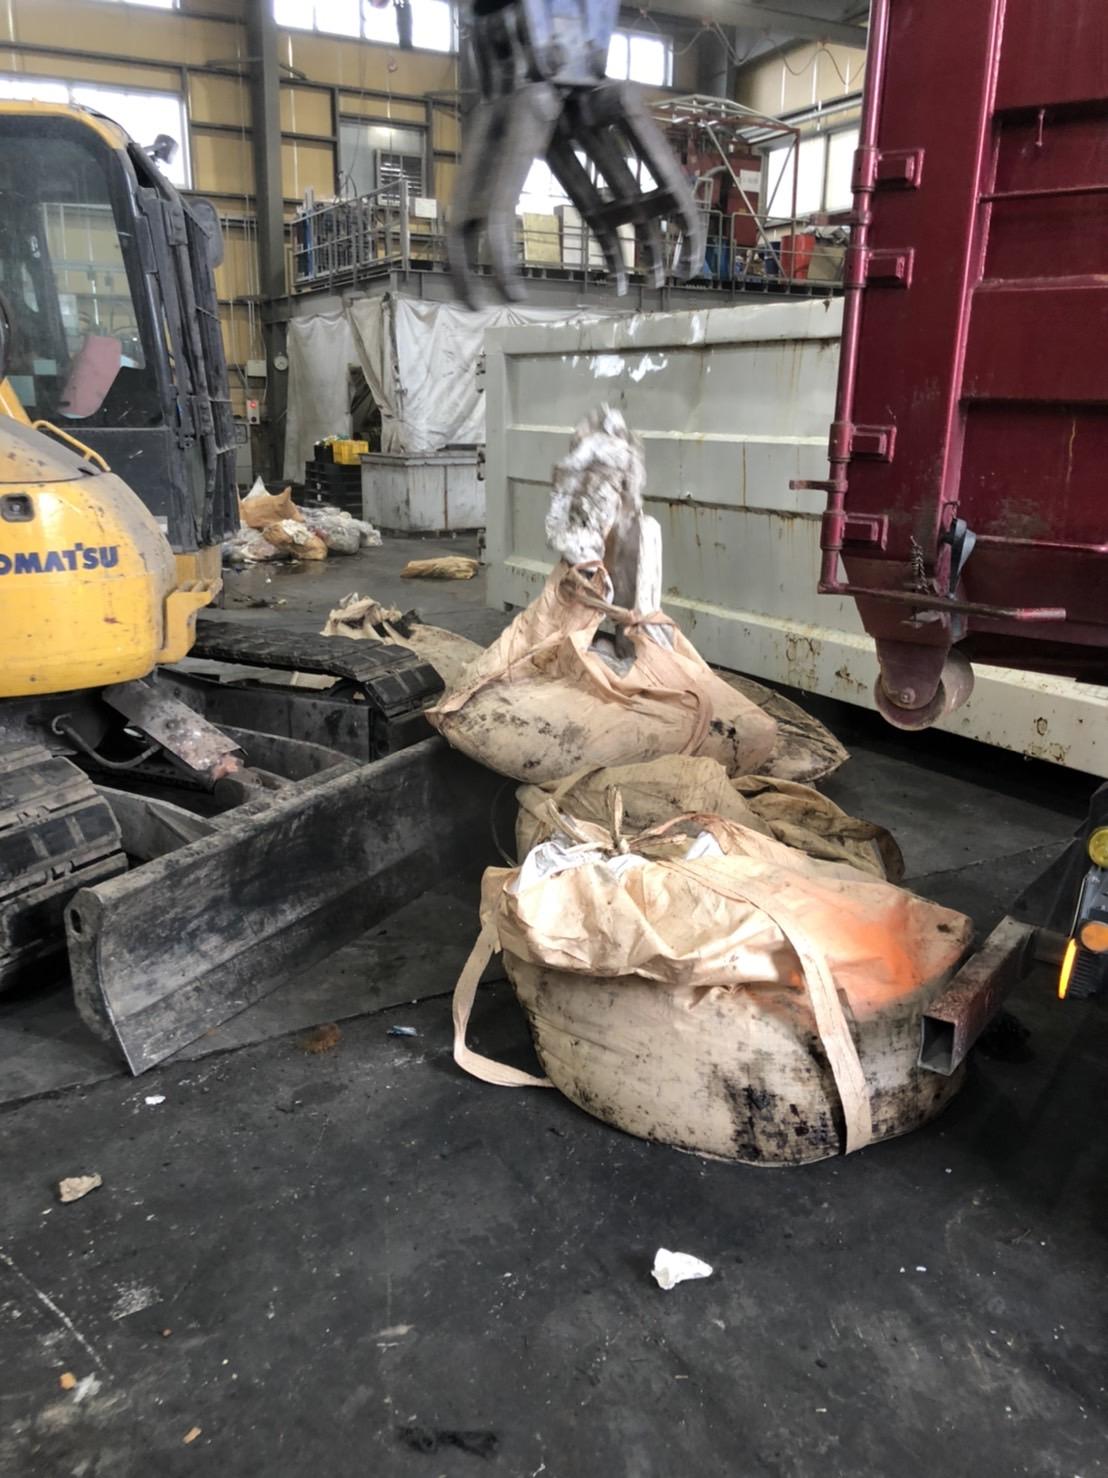 【産業廃棄物の回収処理】アスベストの廃棄物処理を行った事例を紹介します。